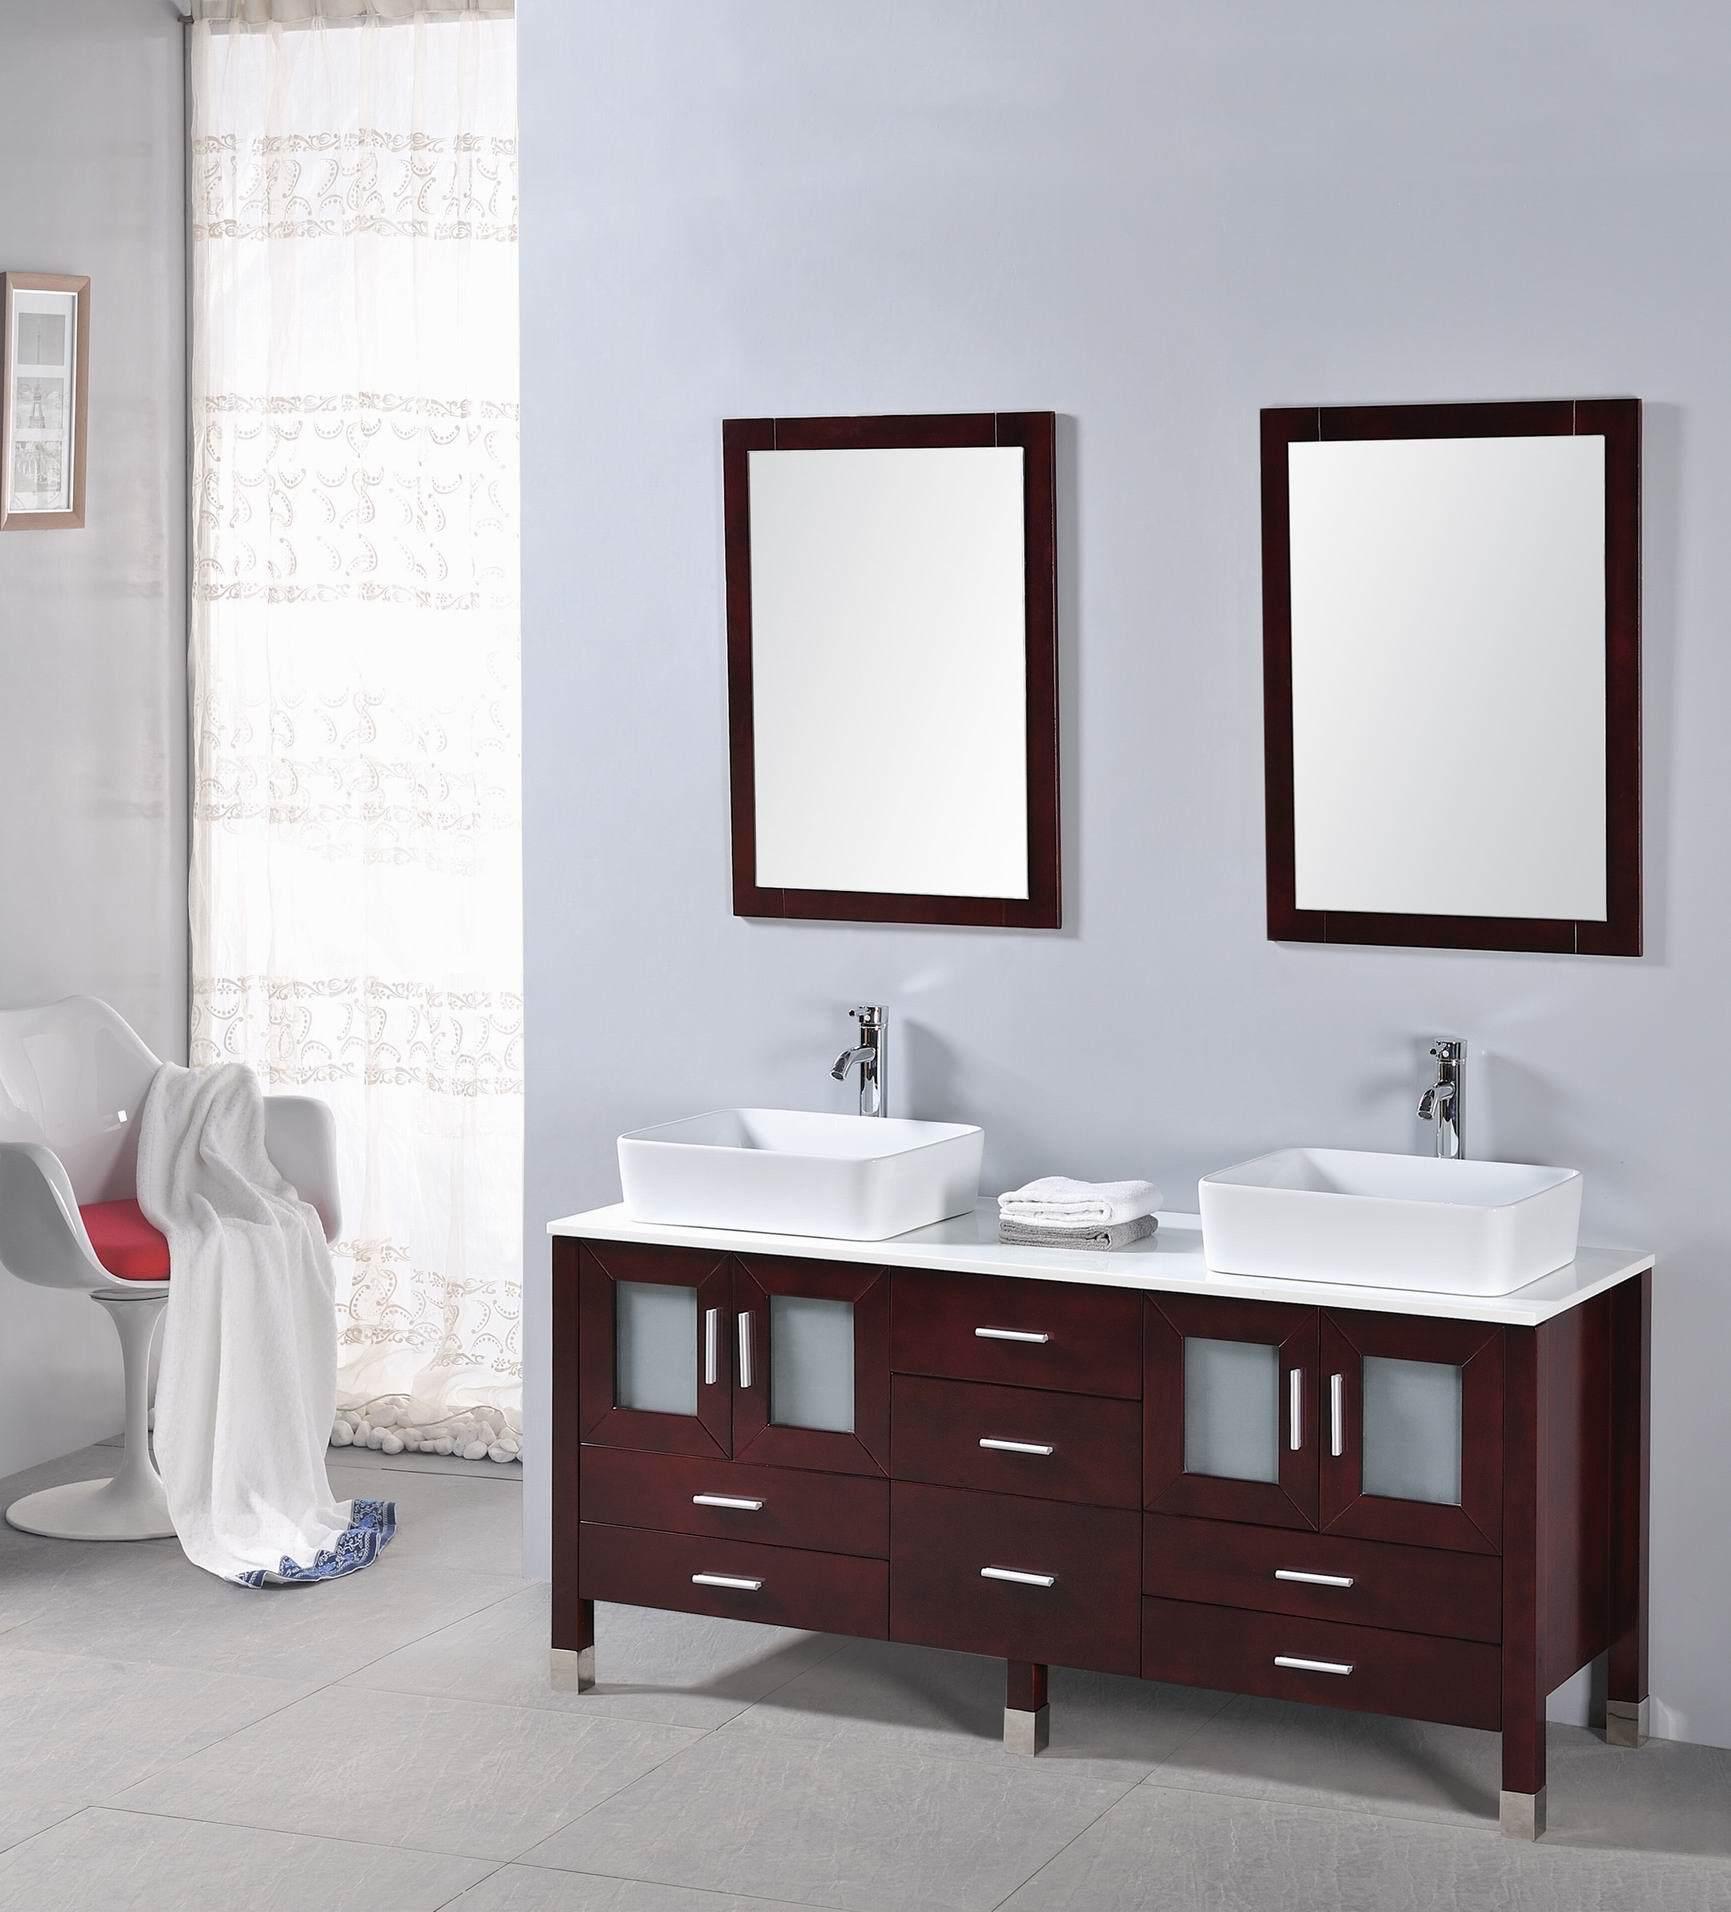 27 popular bathroom vanities quality